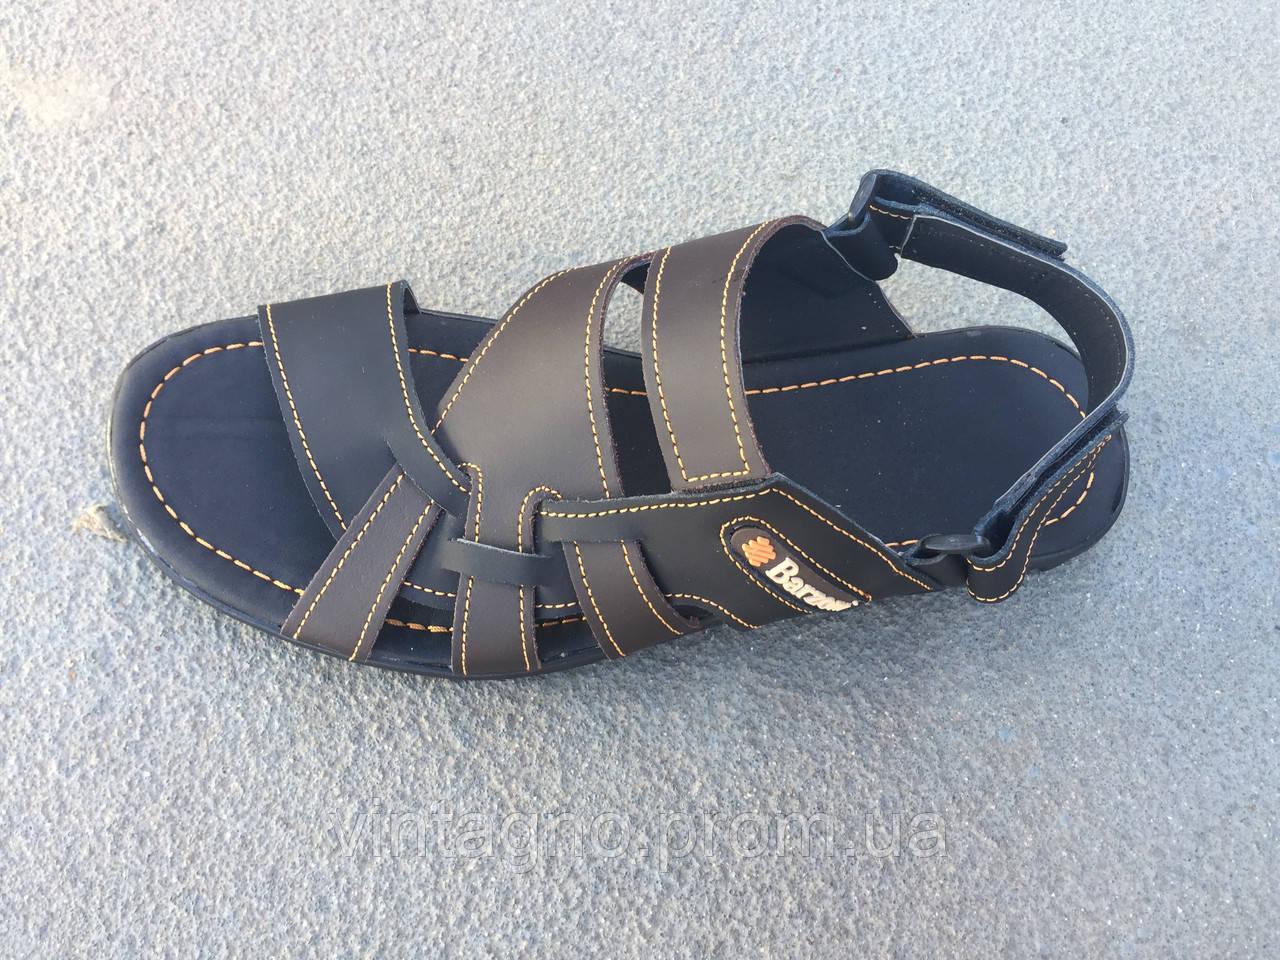 Сандали мужские кожаные коричневого цвета 42 размер  продажа 8725f1187a15a